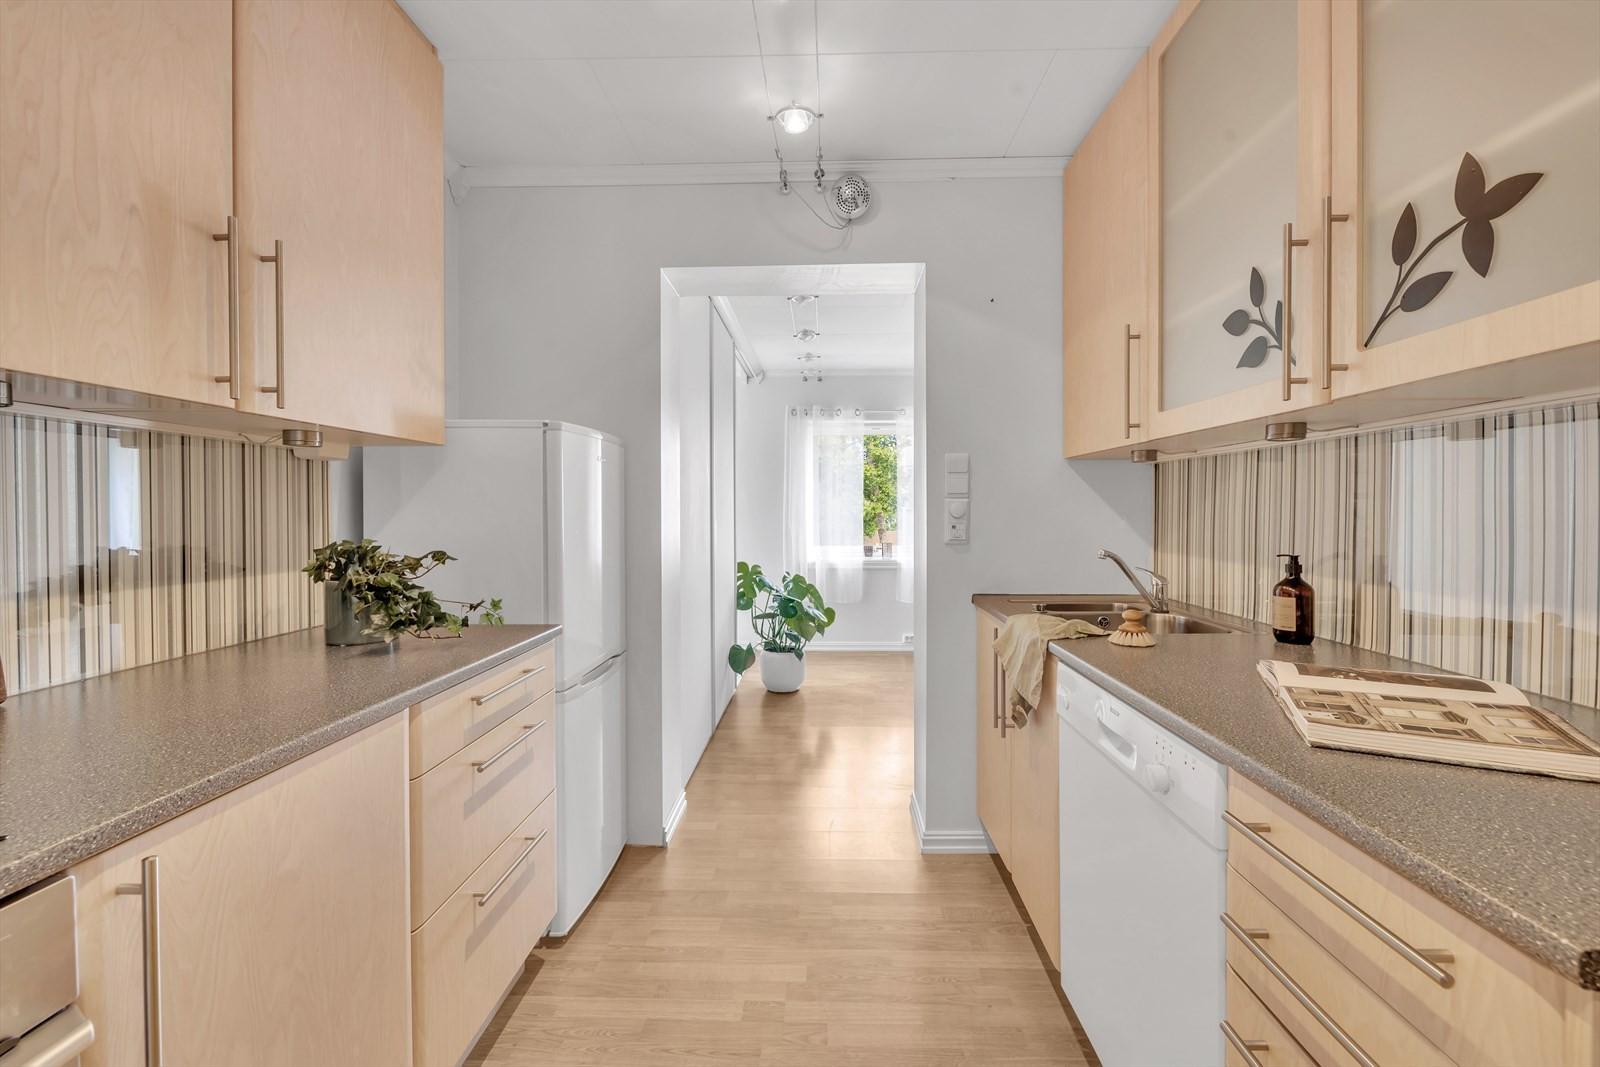 Romslig kjøkken med godt med skap-plass.